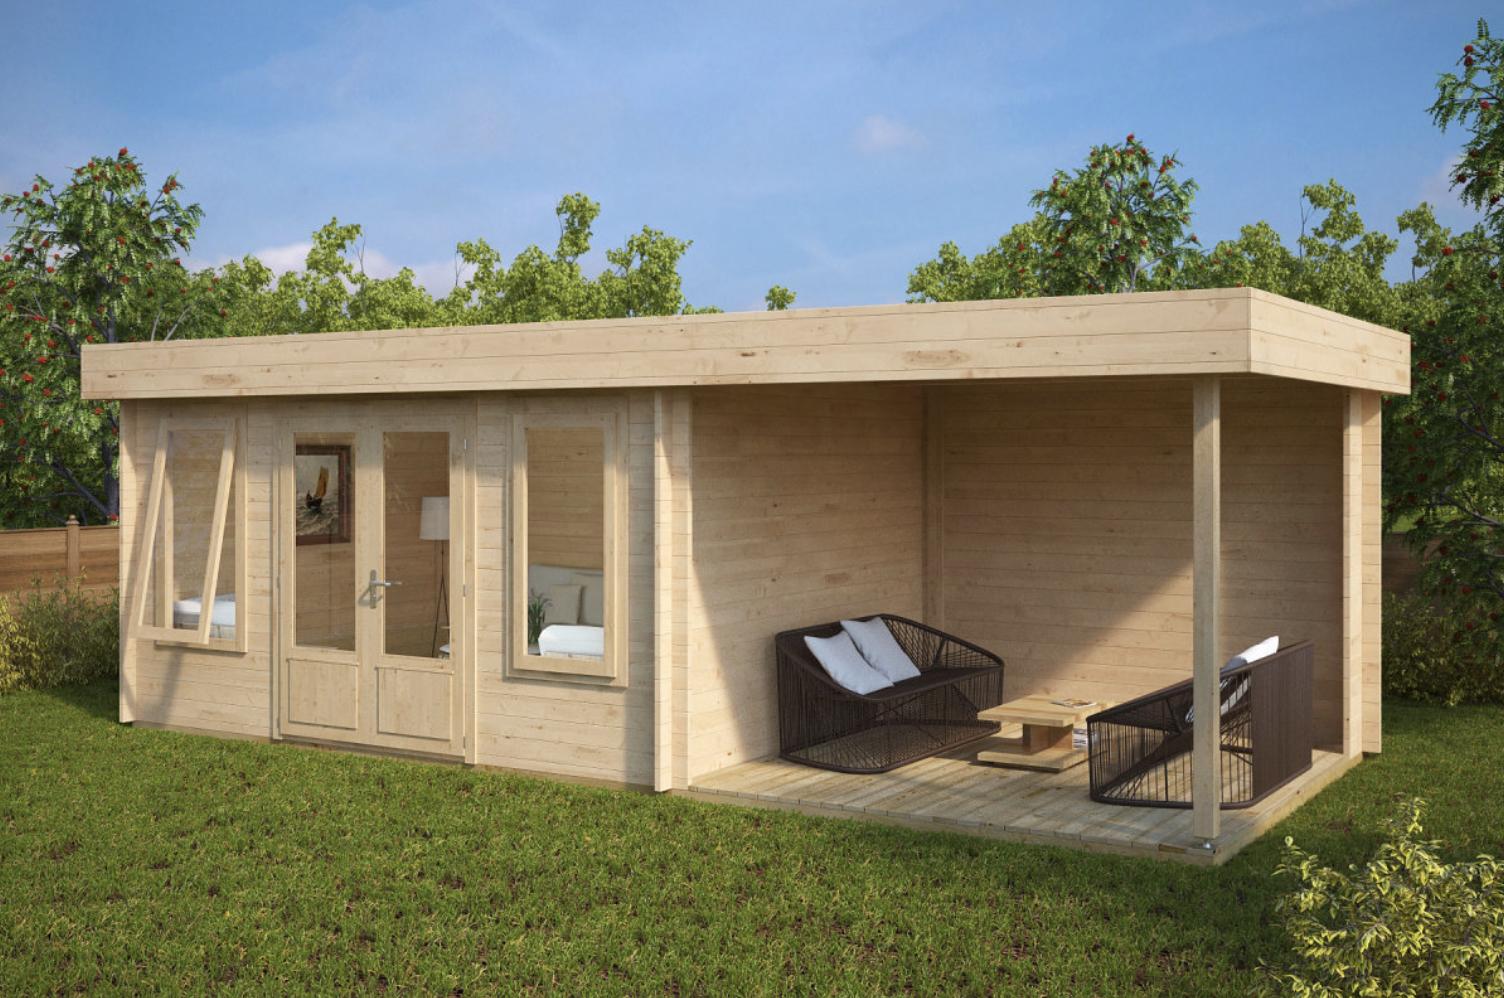 Casetta di legno castellobolio 12t koala casette in - Casetta di legno per giardino ...